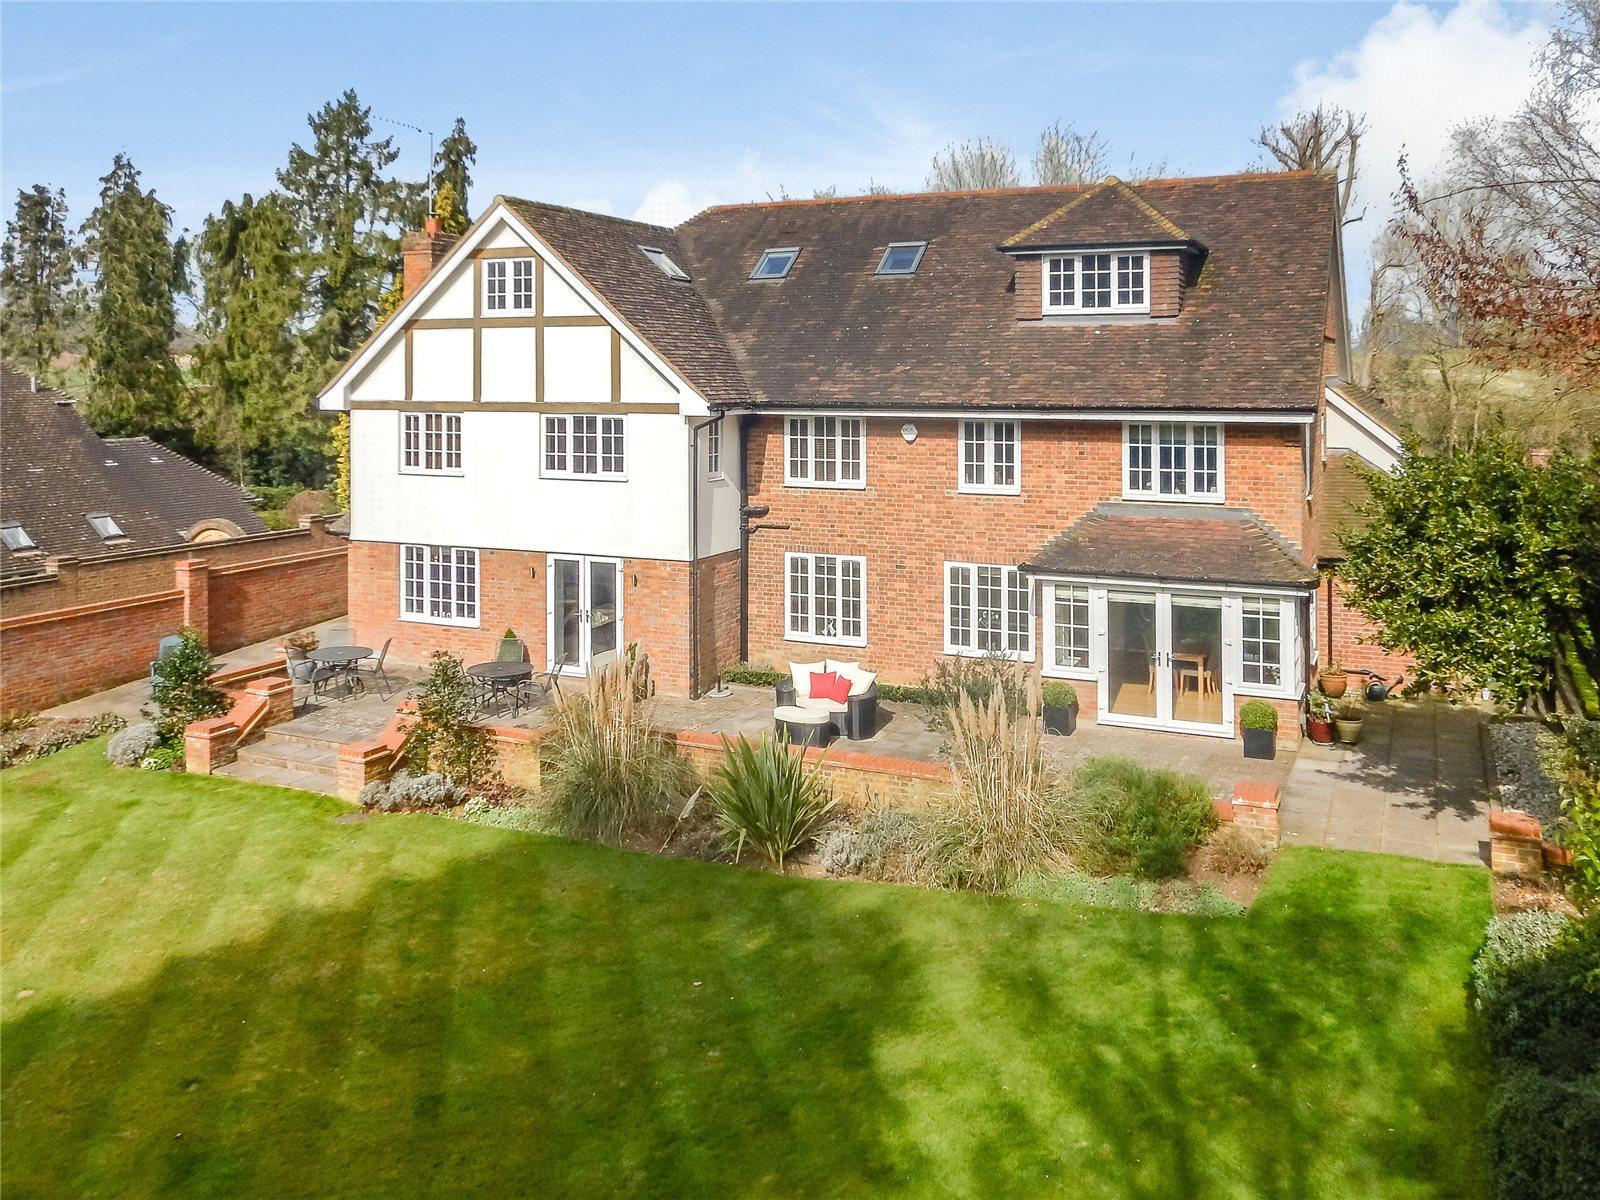 一戸建て のために 売買 アット Redbourn Lane, Harpenden, Hertfordshire, AL5 Harpenden, イギリス